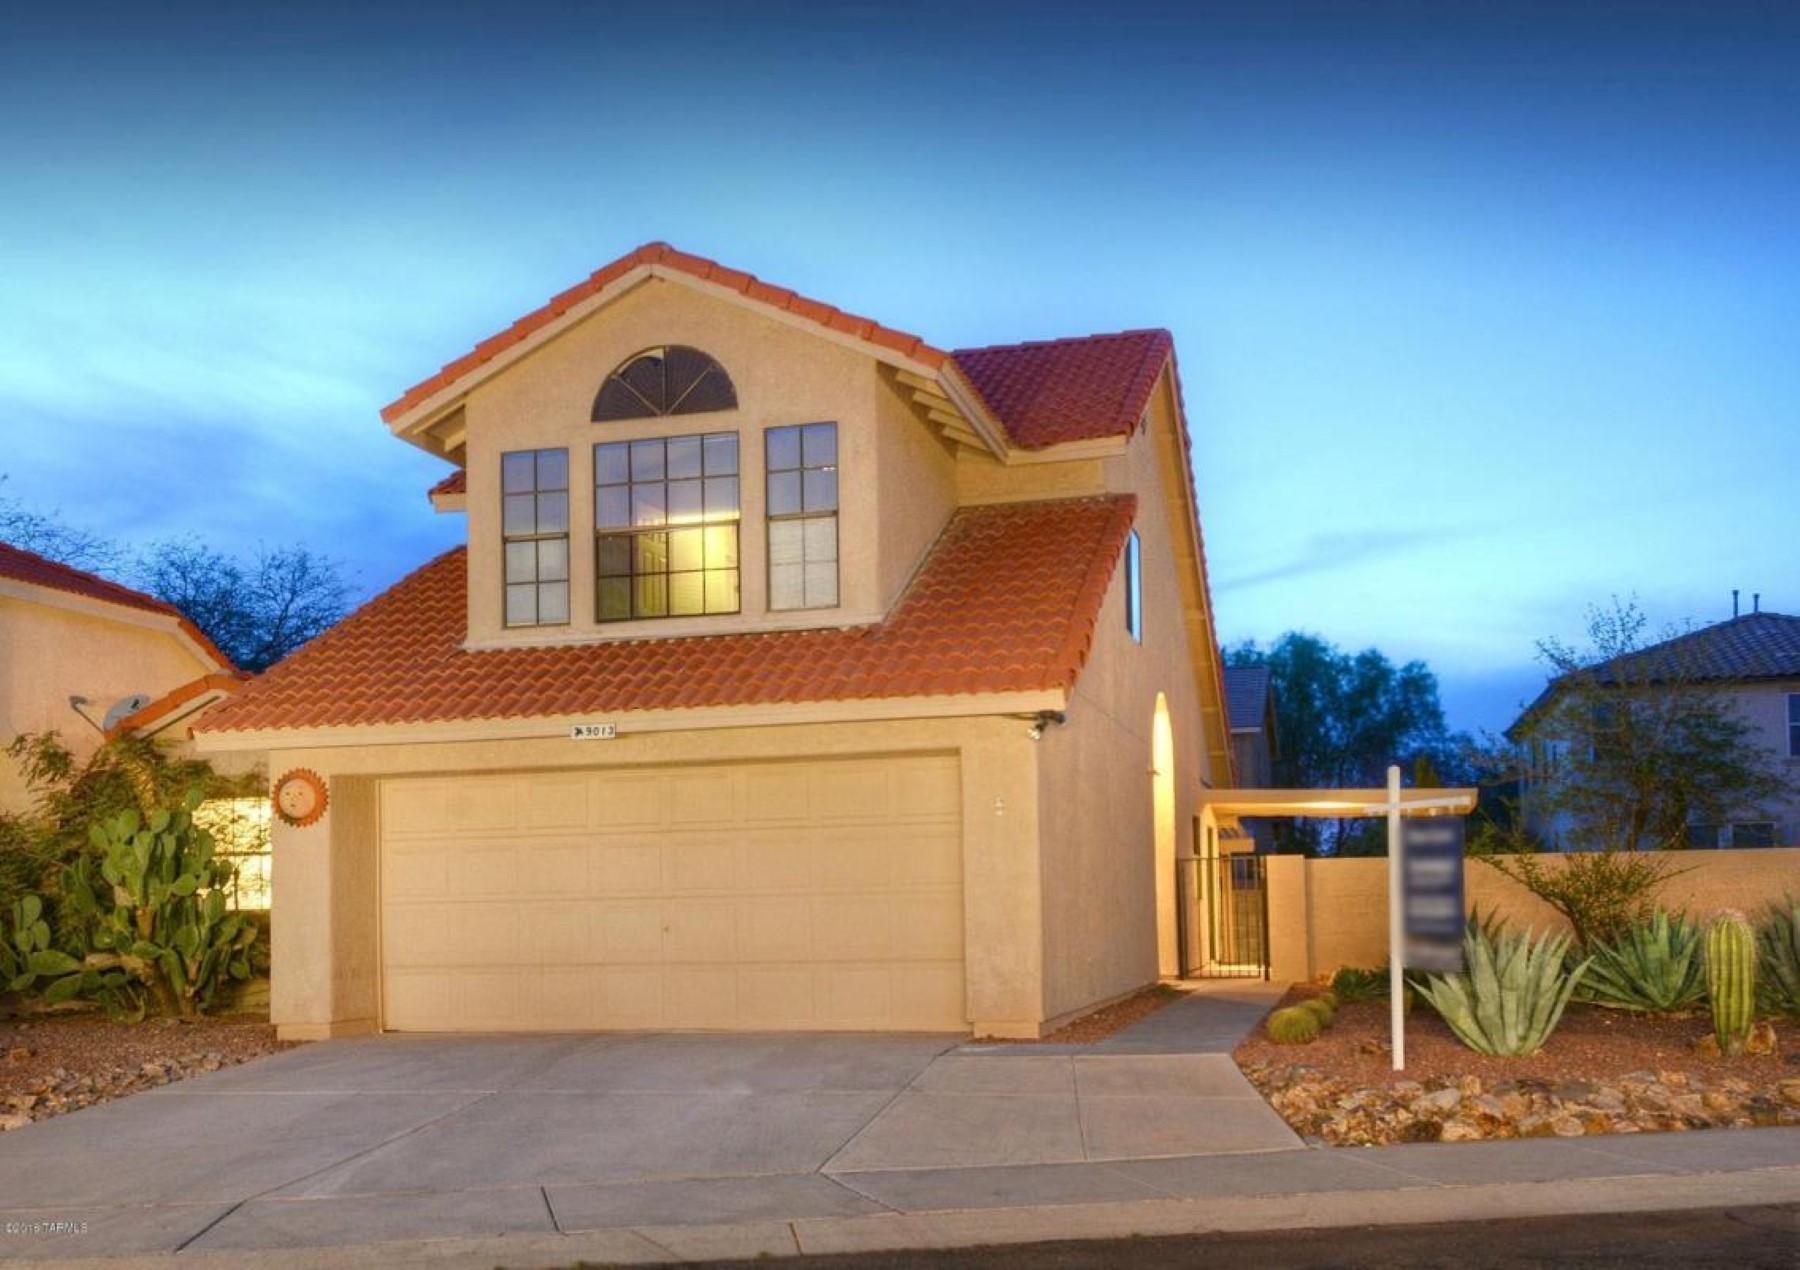 Nhà ở một gia đình vì Bán tại Charming house in gated community 9013 N Twain Street Tucson, Arizona, 85742 Hoa Kỳ